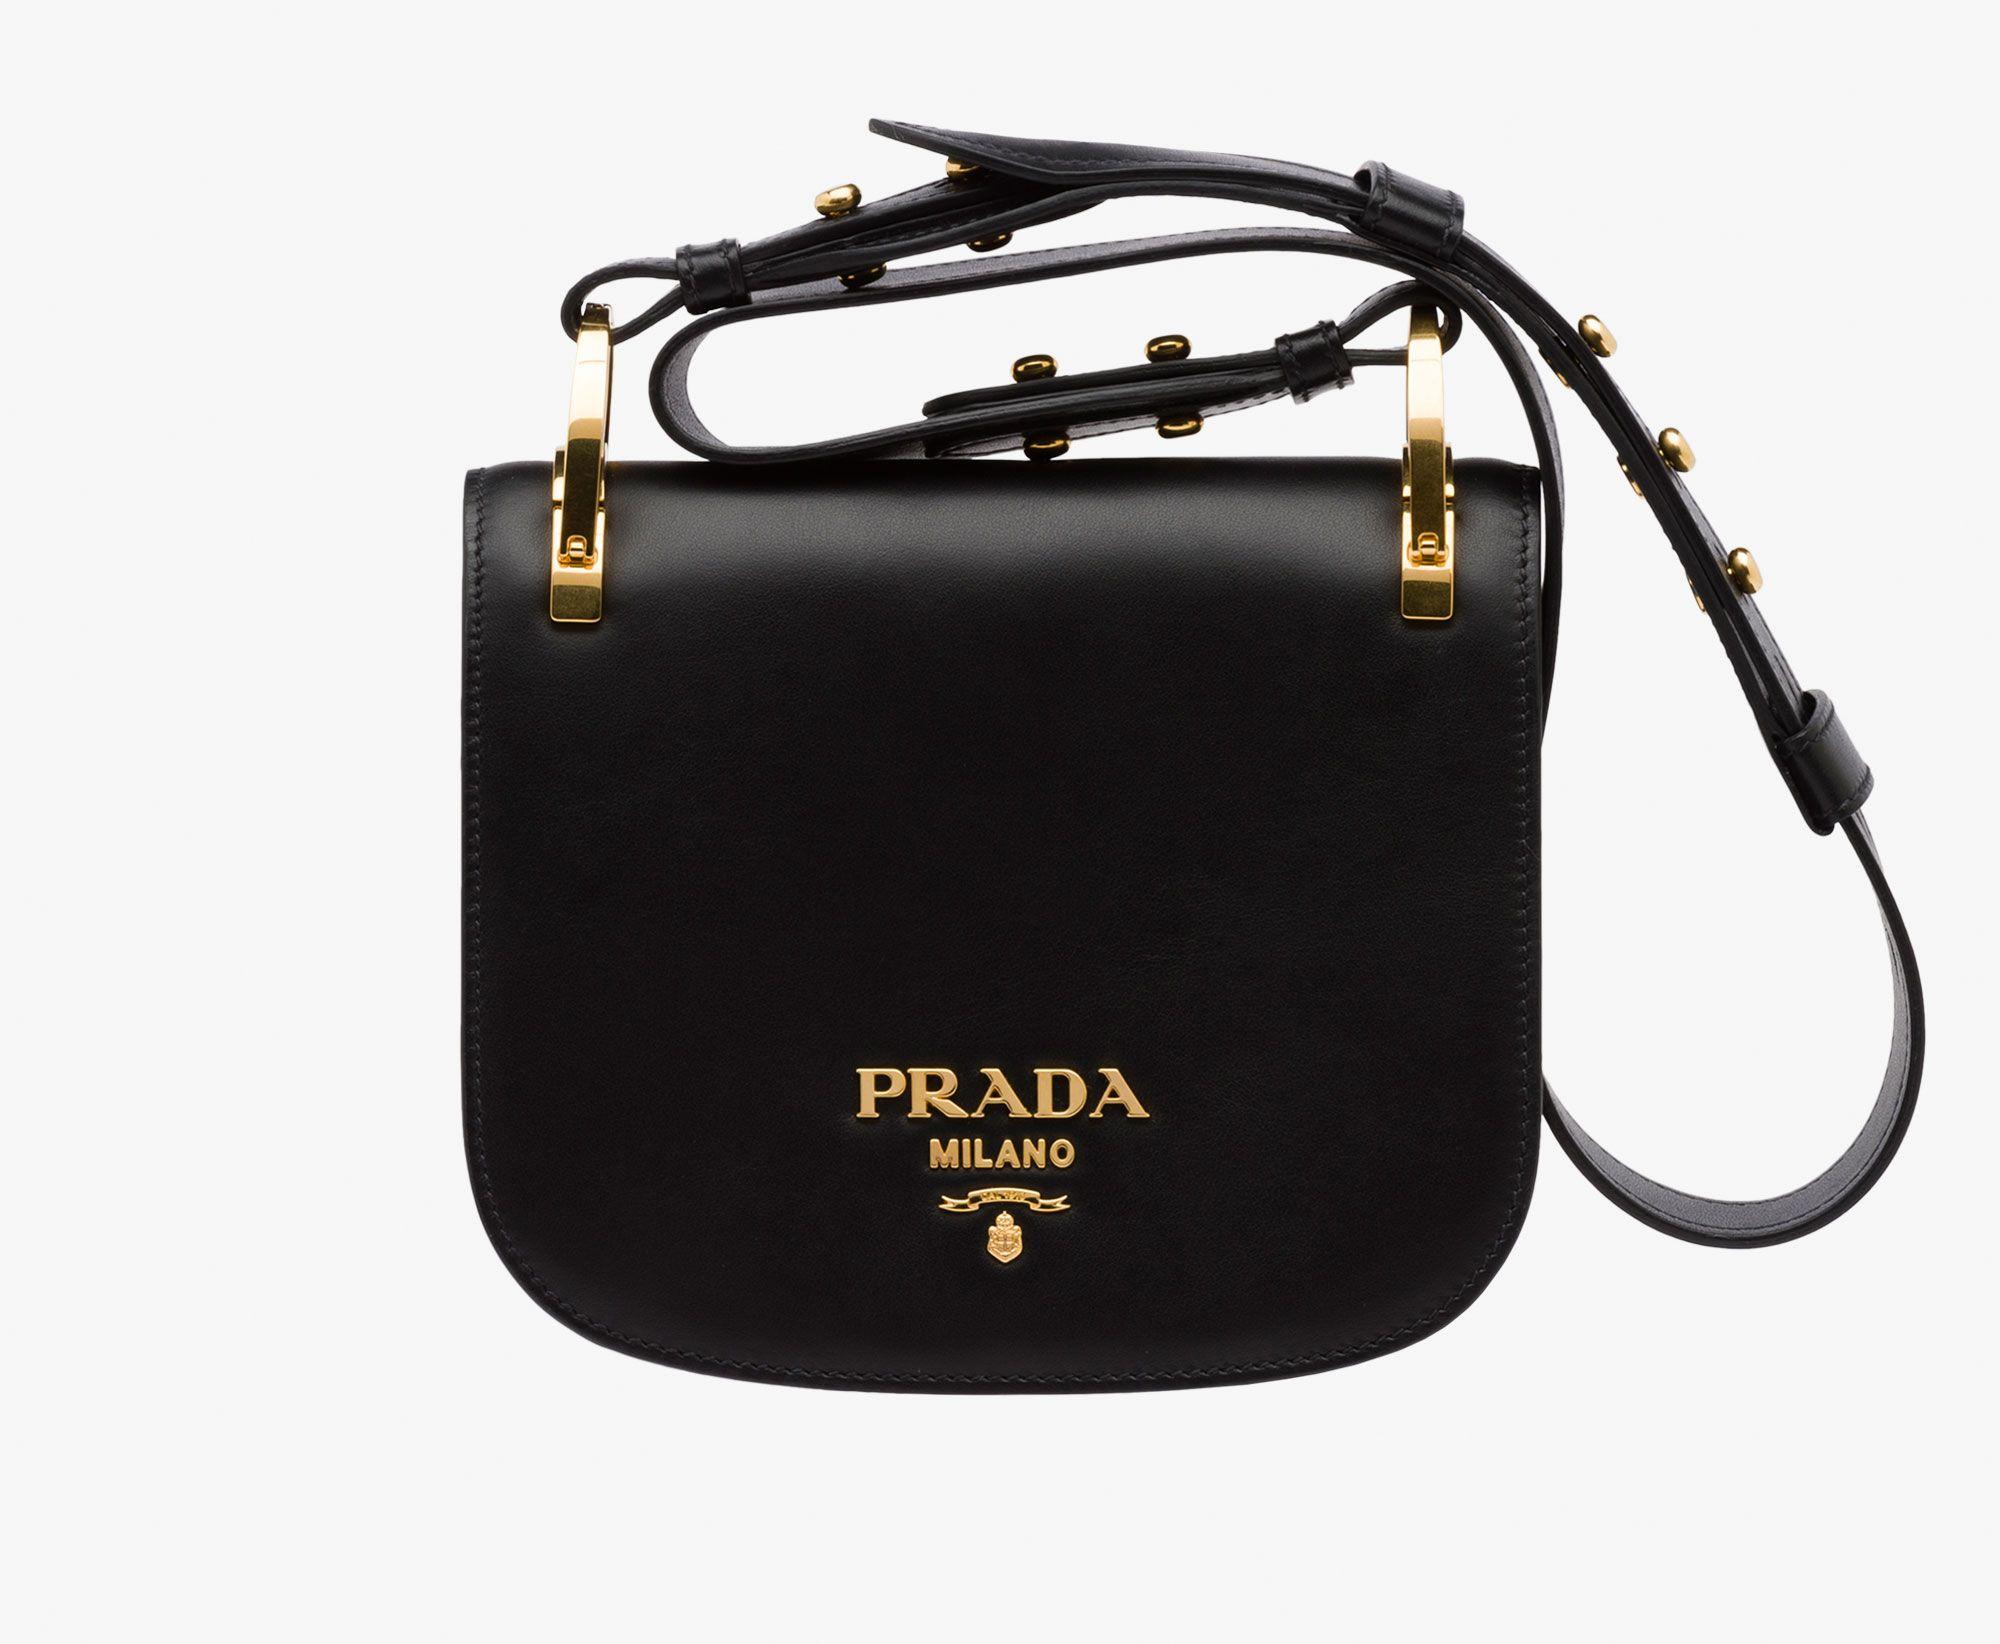 Prada Pionnière calf leather bag Detachable adjustable leather shoulder  strap embellished with metal studs Gold-